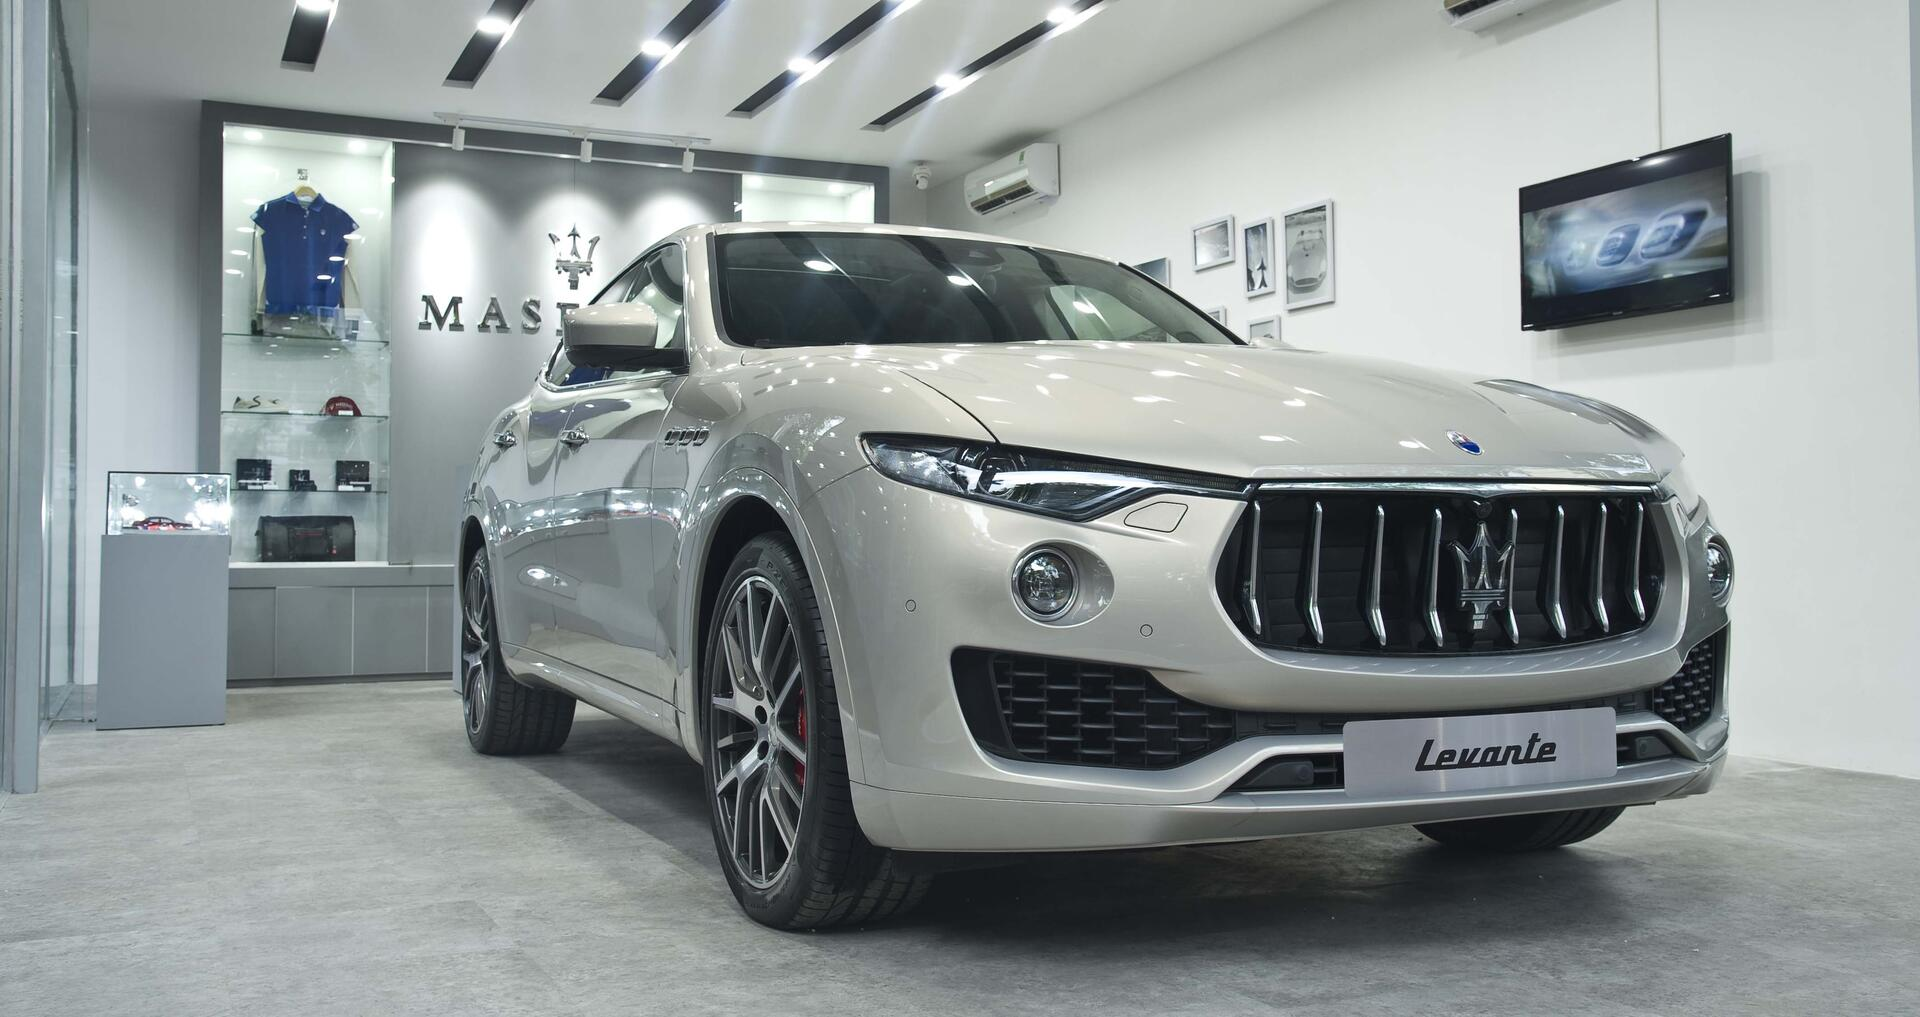 Khai trương Ngôi nhà Maserati tại Hà Nội - Hình 3